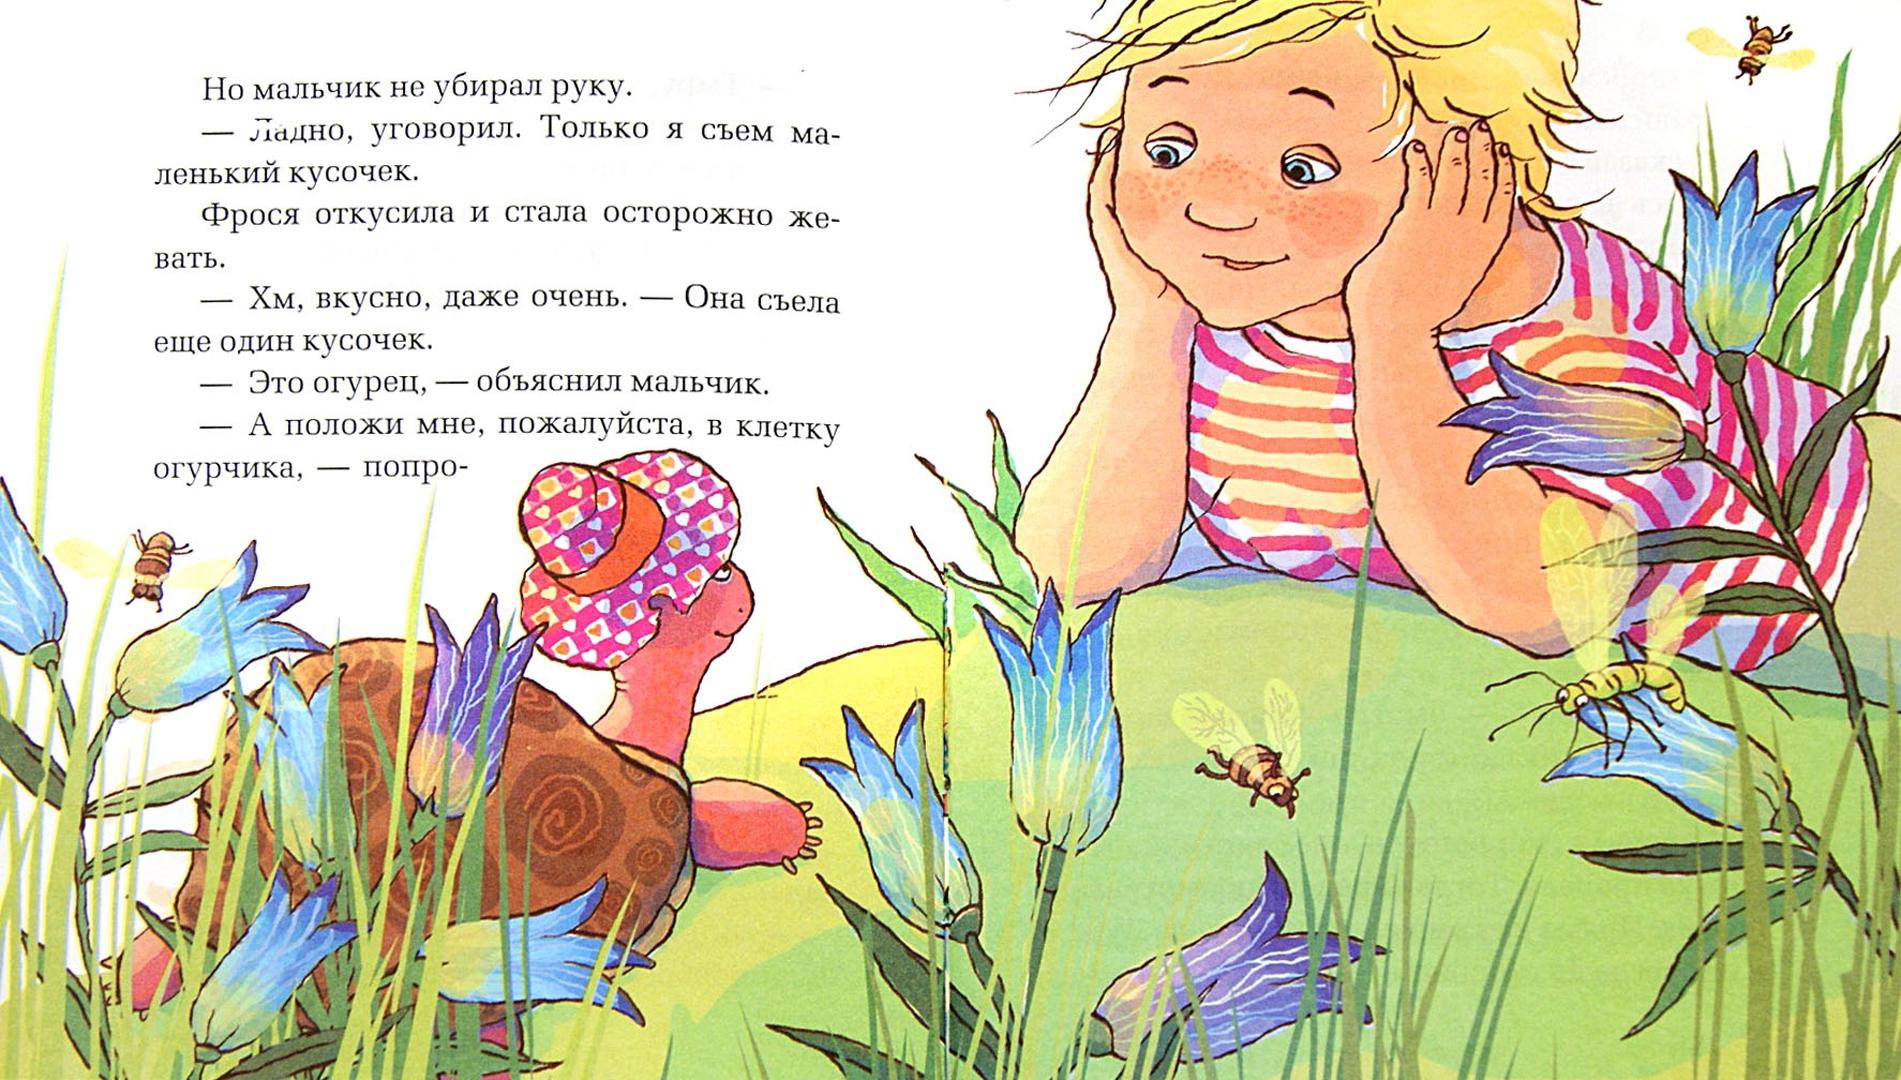 Иллюстрация 1 из 19 для Про улитку и черепаху - Маша Трауб | Лабиринт - книги. Источник: Лабиринт